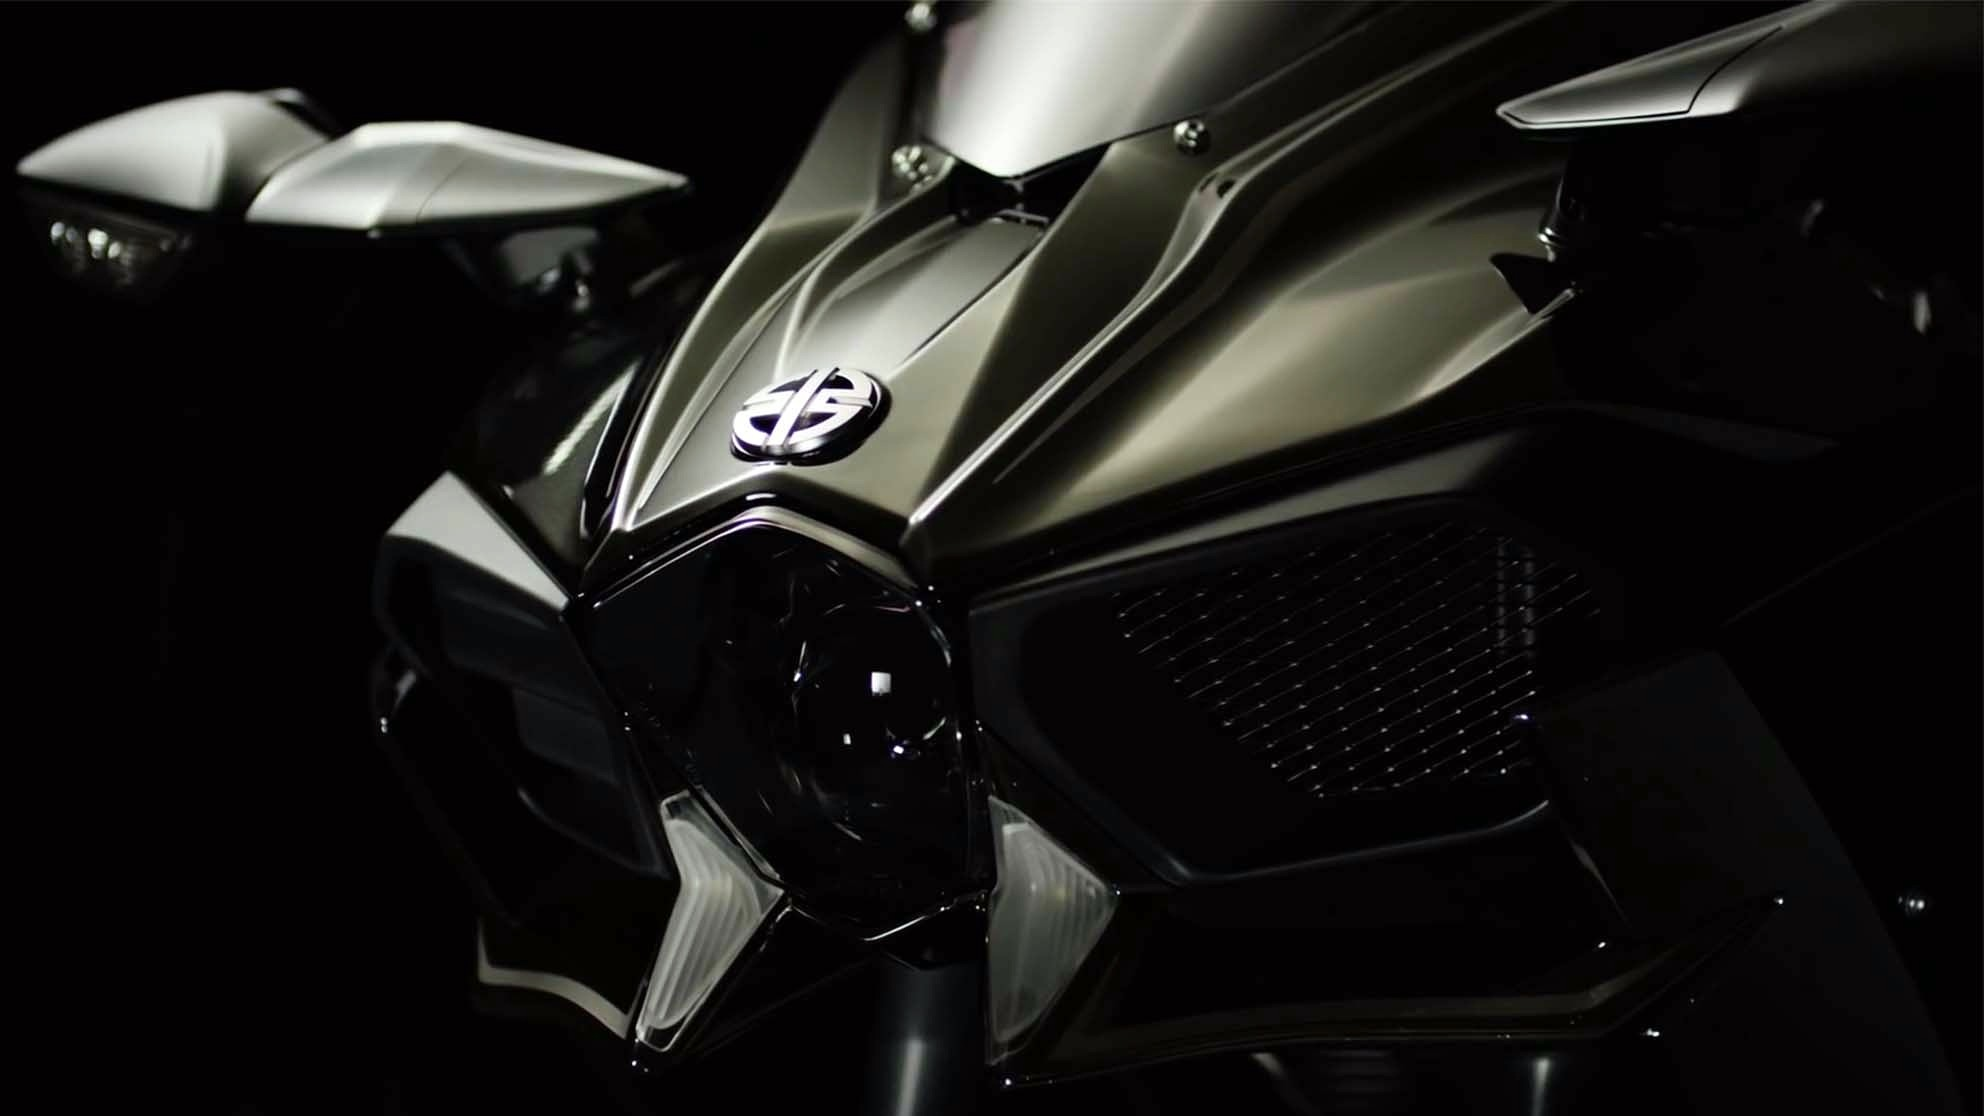 Kawasaki H2 Wallpapers 71 Images